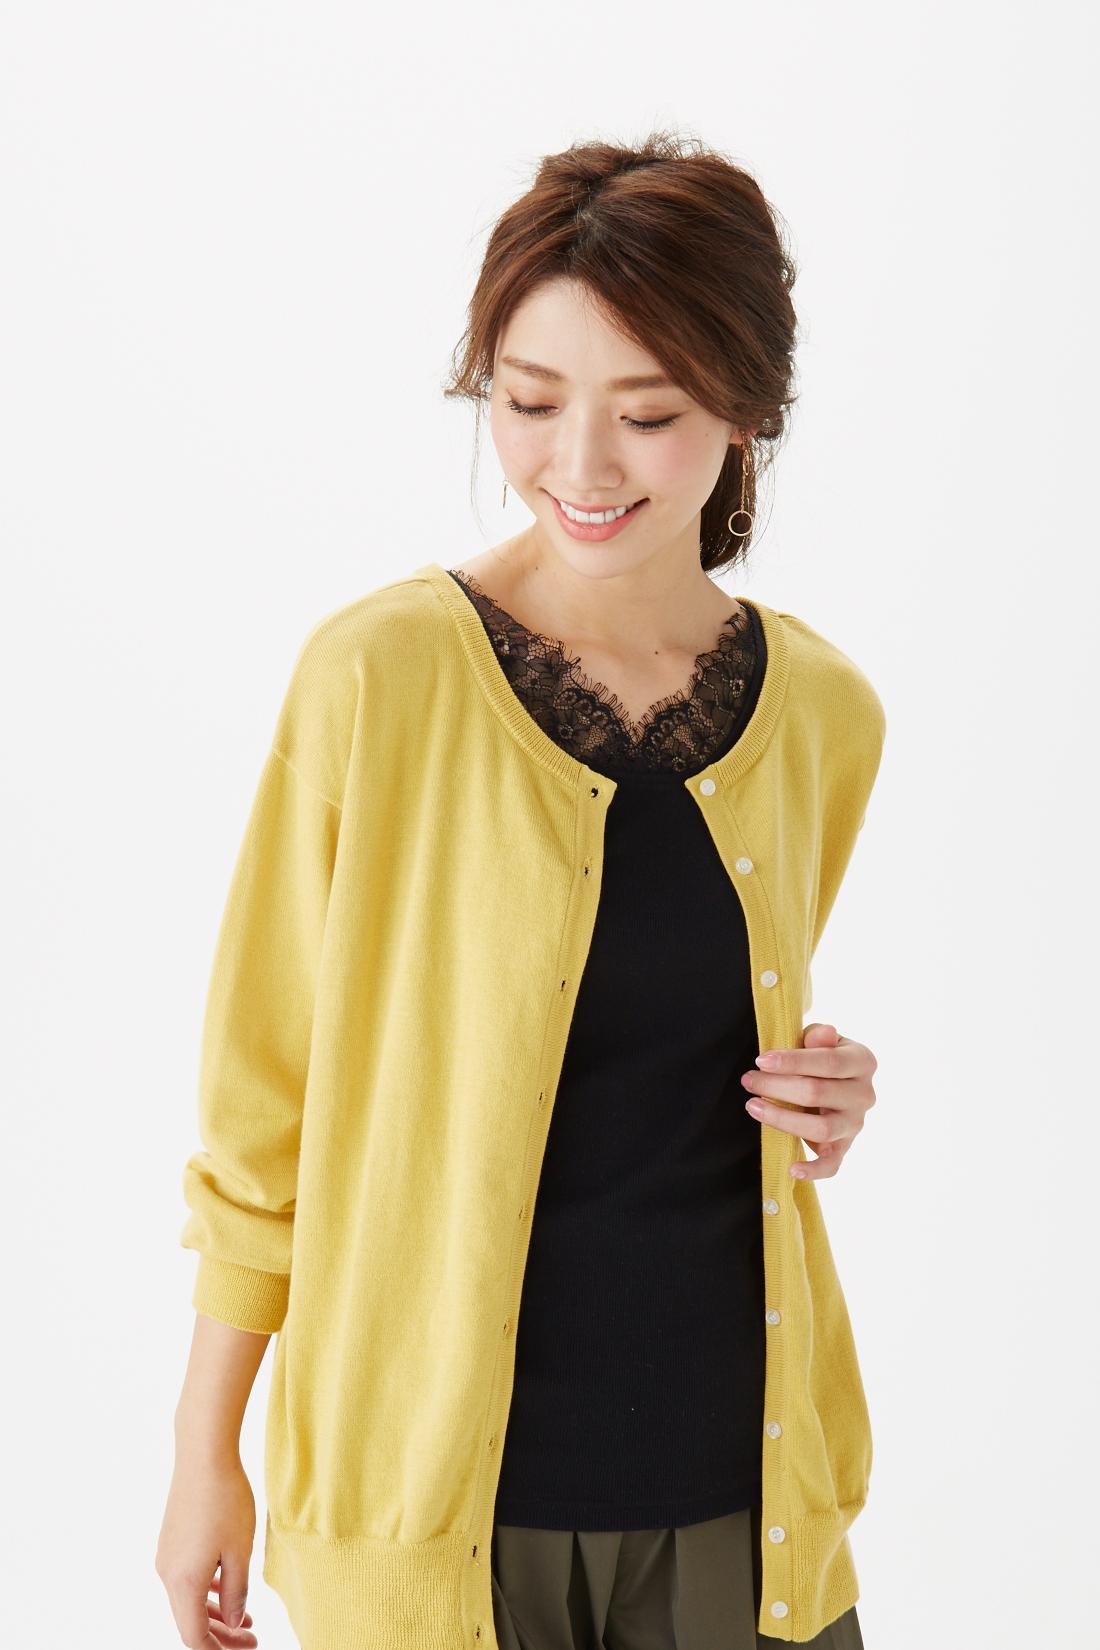 モデル身長:169cm 着用サイズ:M ※着用イメージです。お届けするカラーとは異なります。